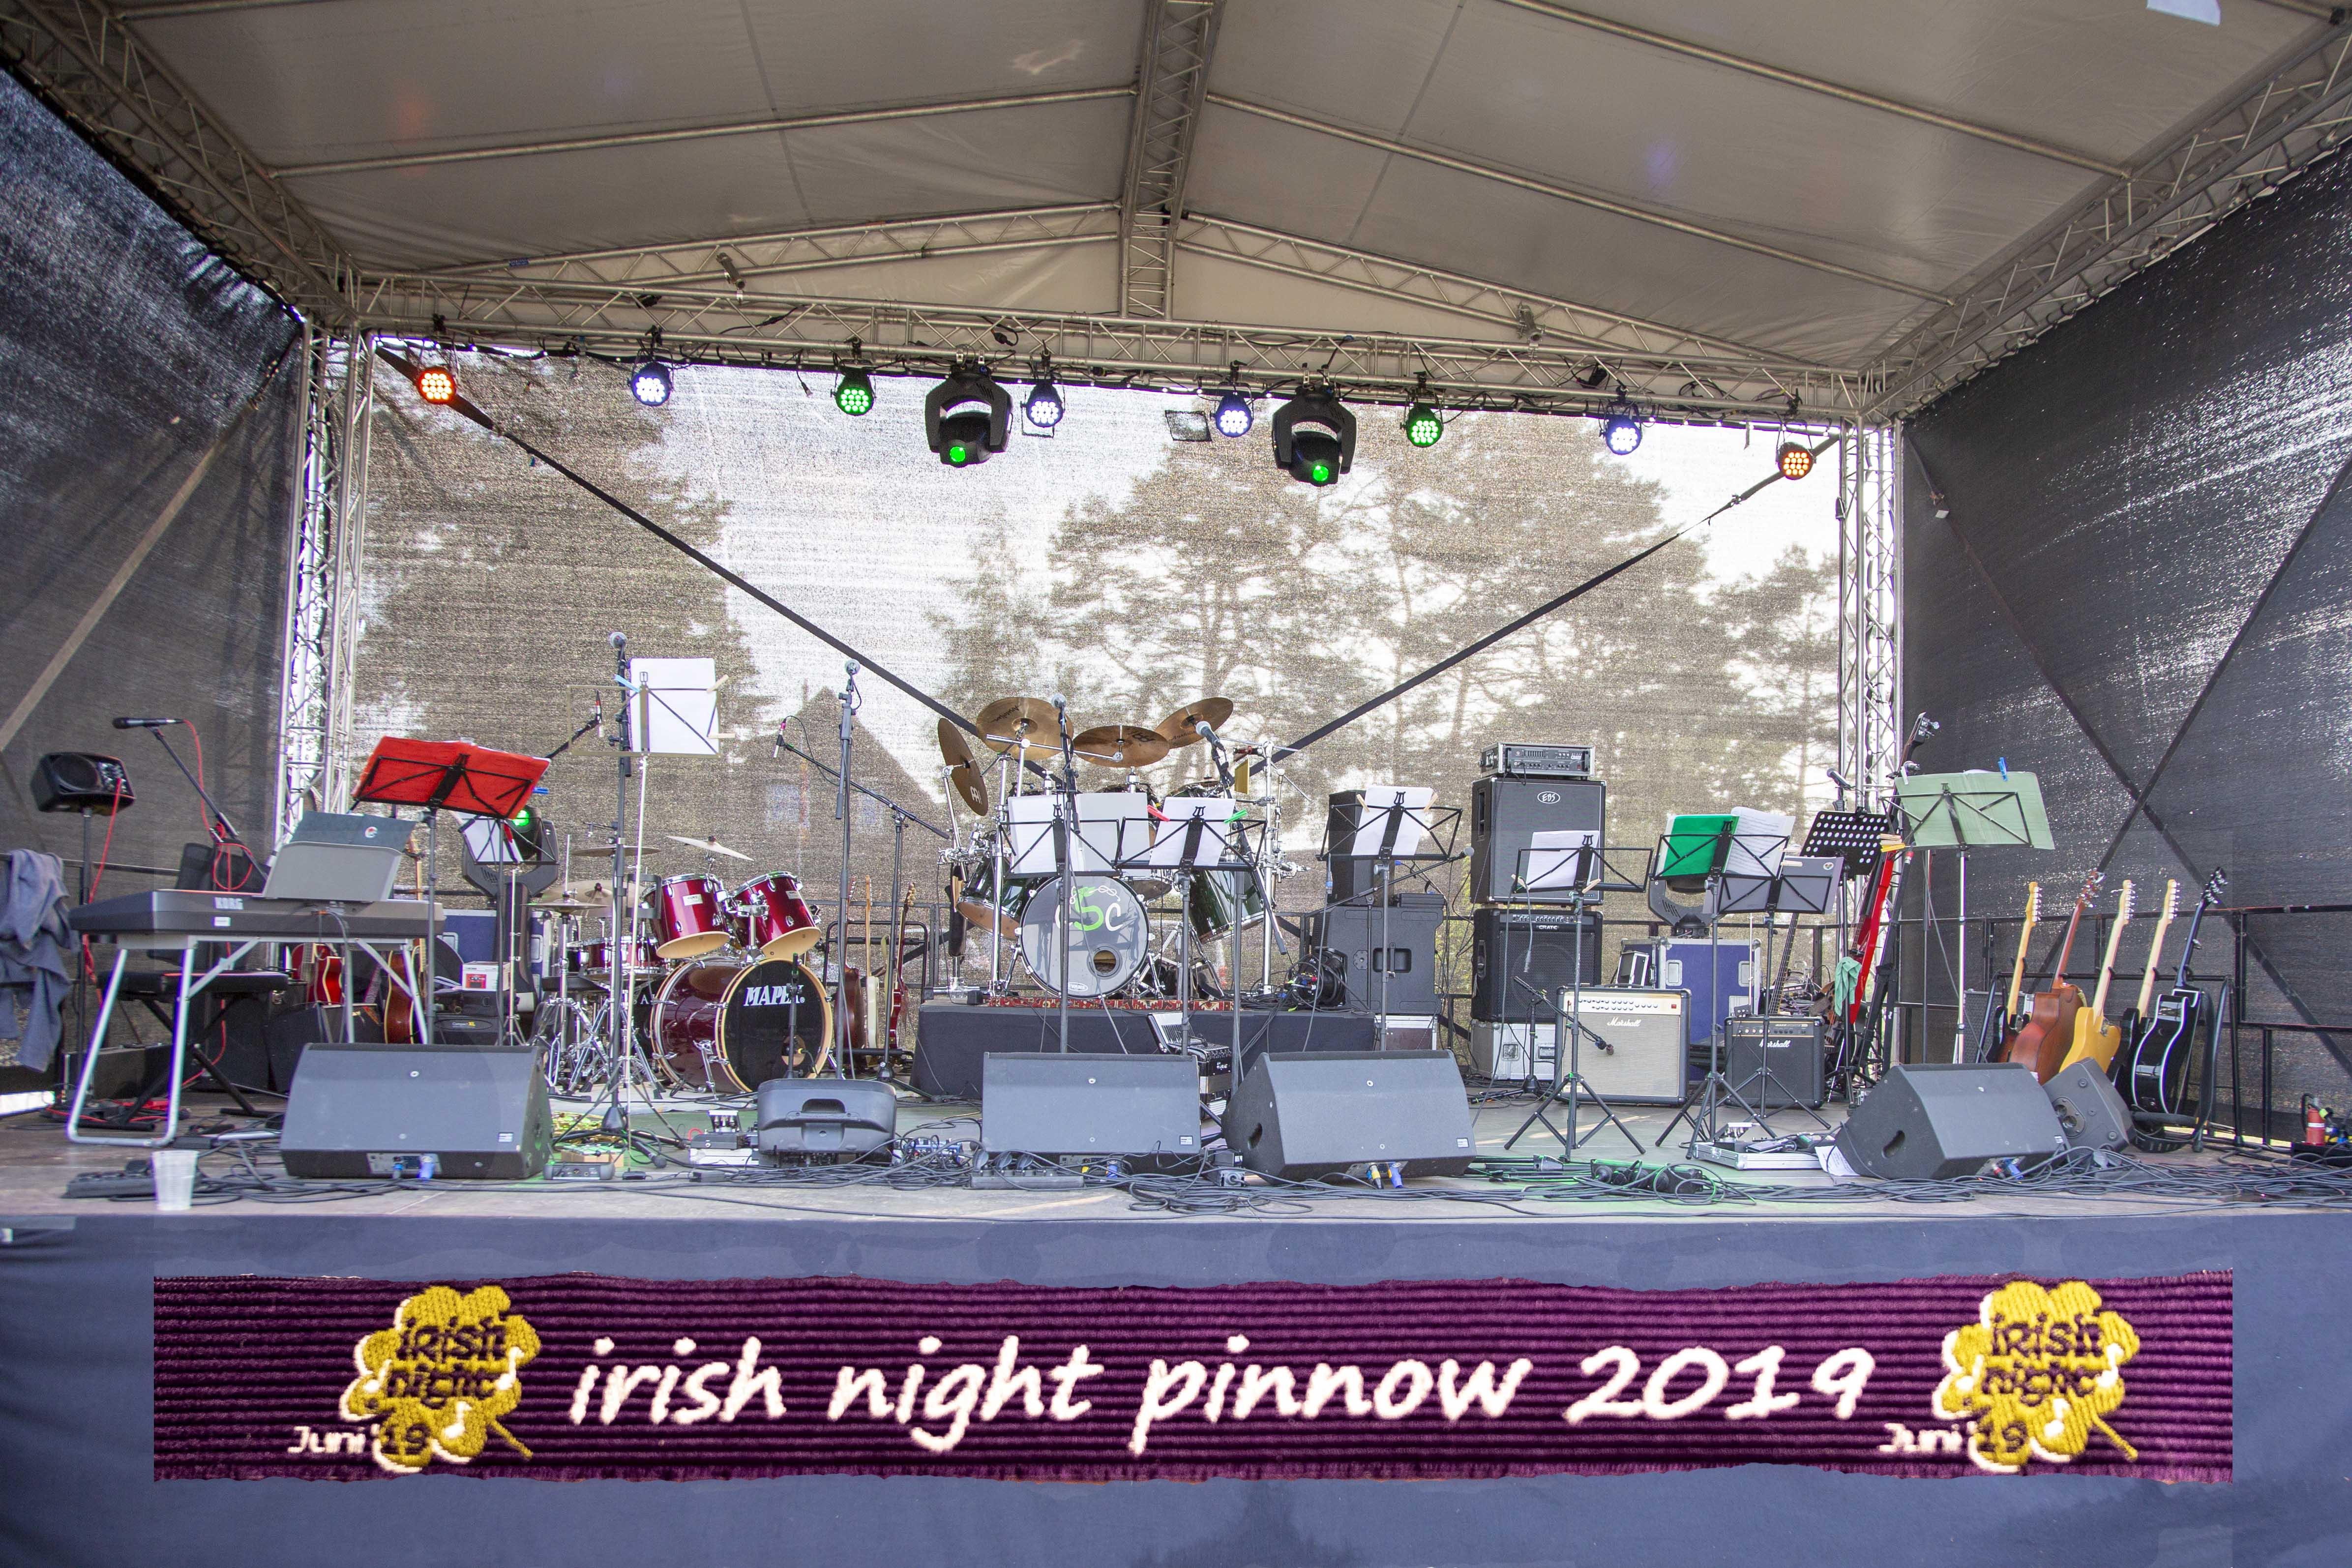 9. Irish Night in Pinnow 2019